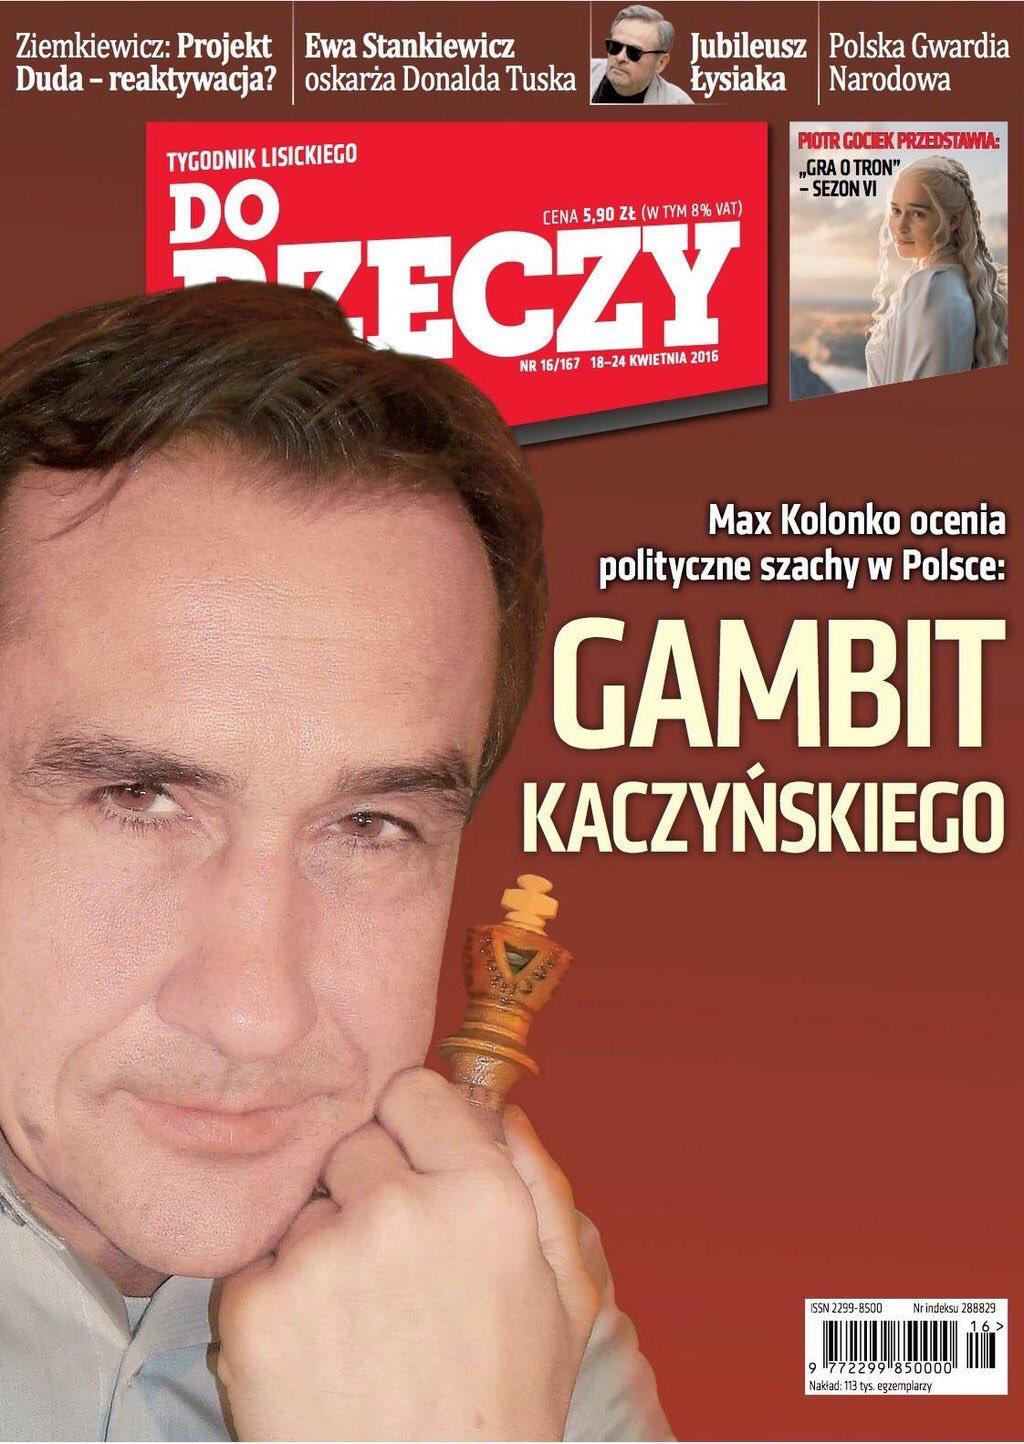 Dorzeczy On Twitter Mariusz Max Kolonko Mówi Jak Jest